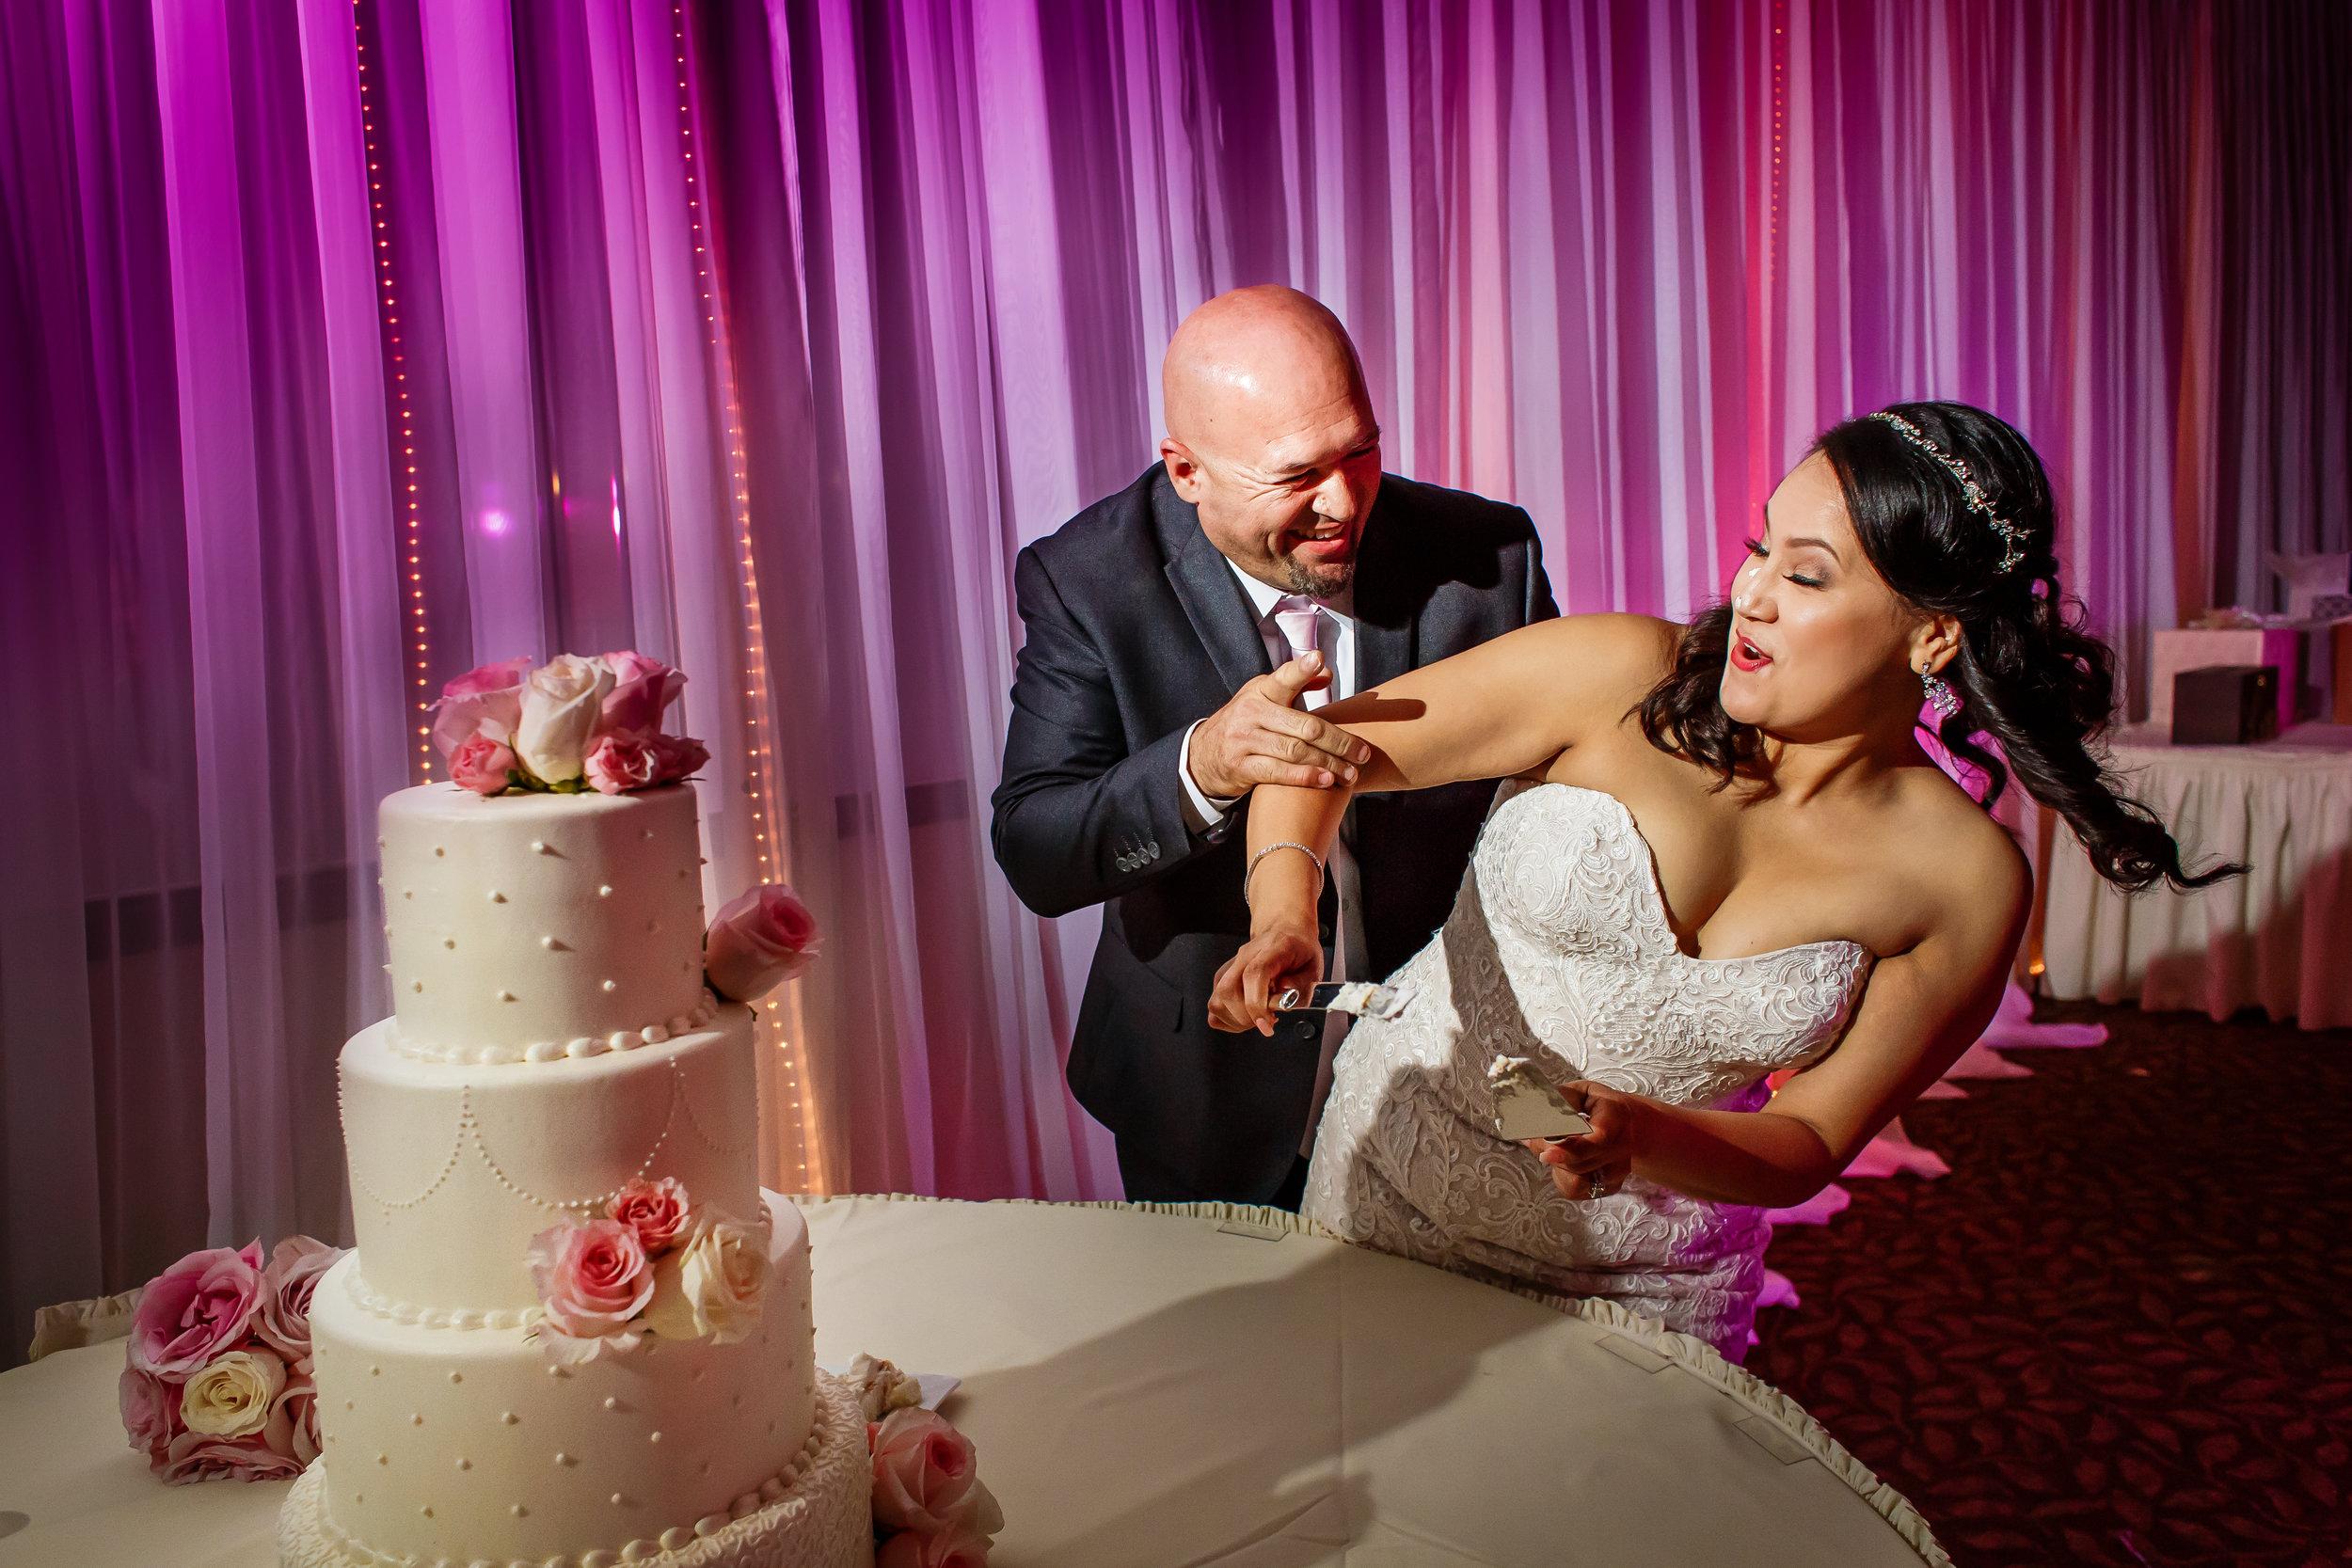 WEDDING AT LA MIRADA GOLF COURSE IN LA MIRADA, CALIFORNIA